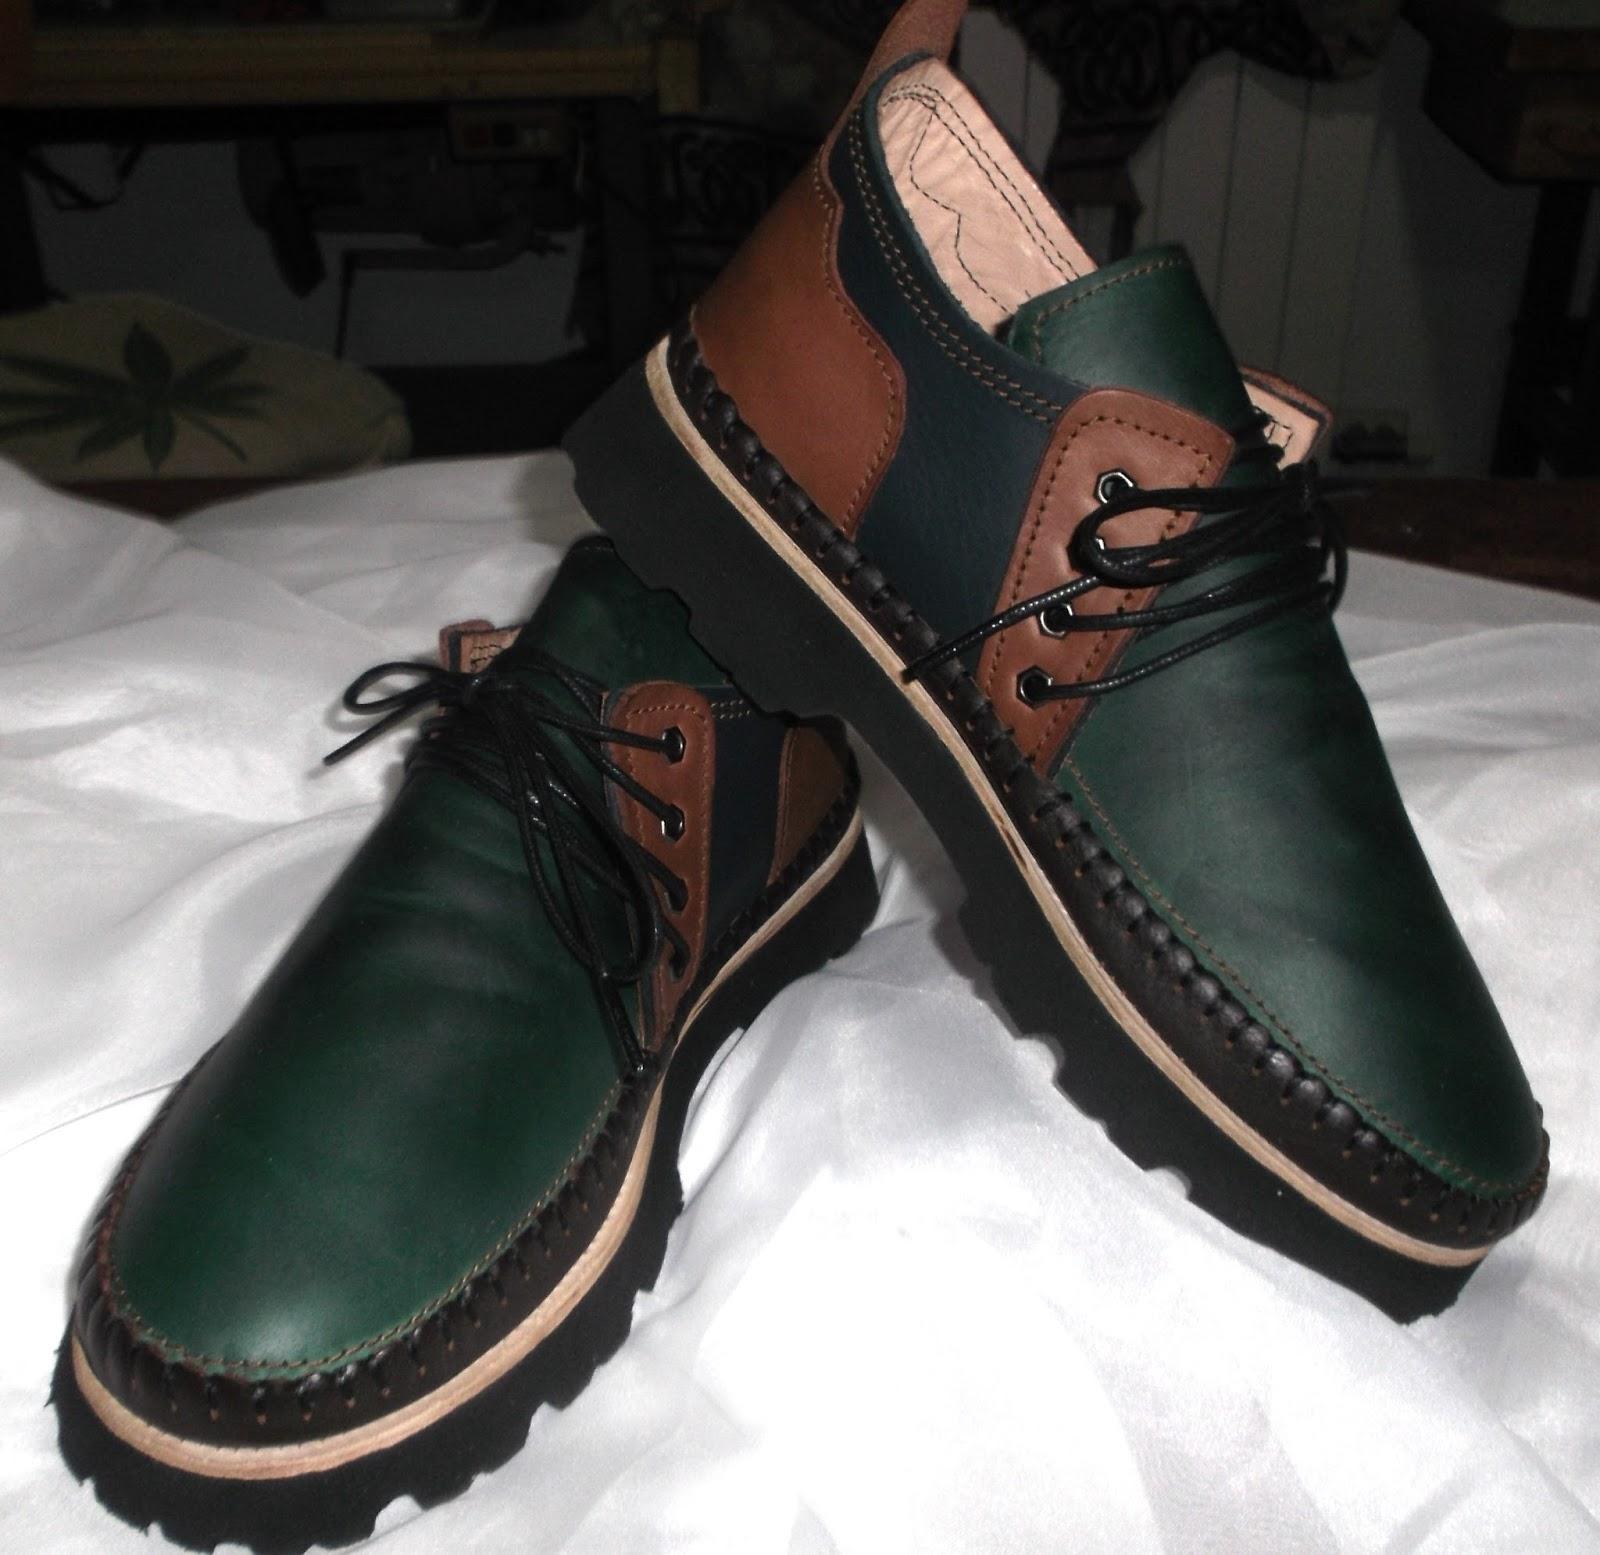 bd9fdfe373597 ZAPATOS ARTESANALES DE CUERO ~ Zapatos Artisticos Kris